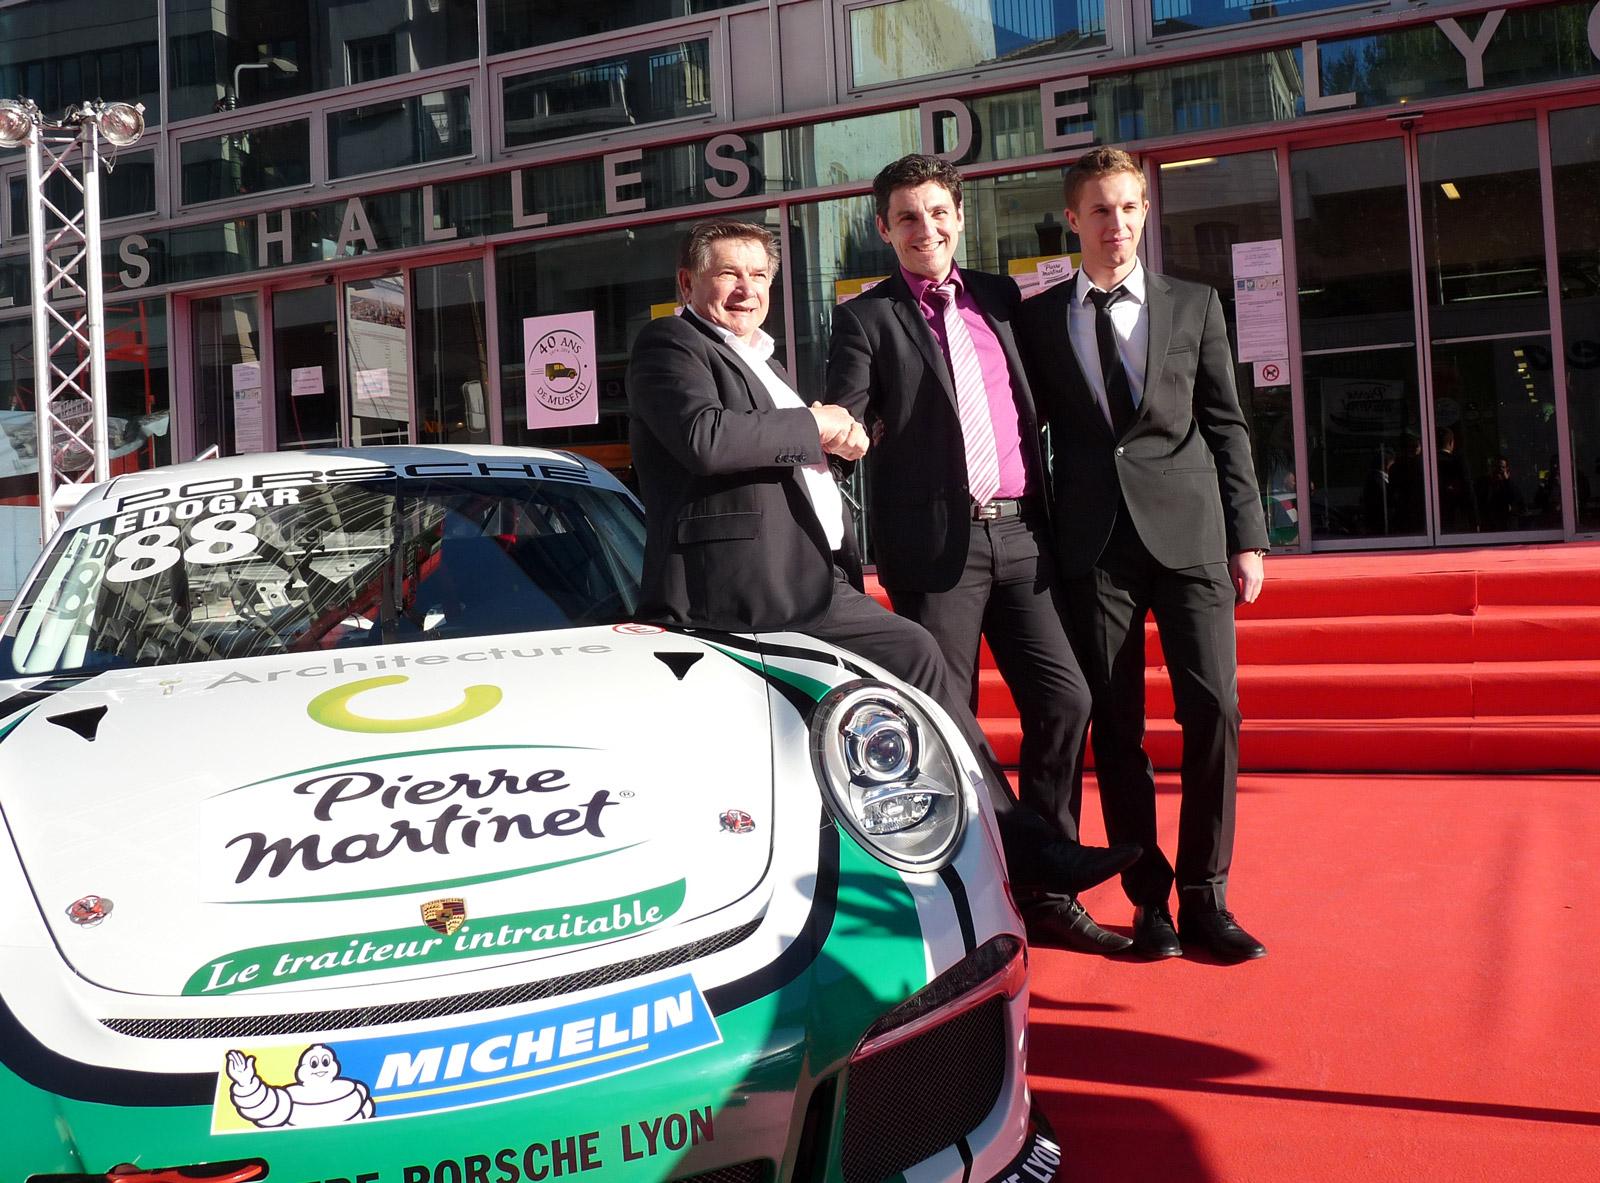 Team Pierre martinet by Almeras